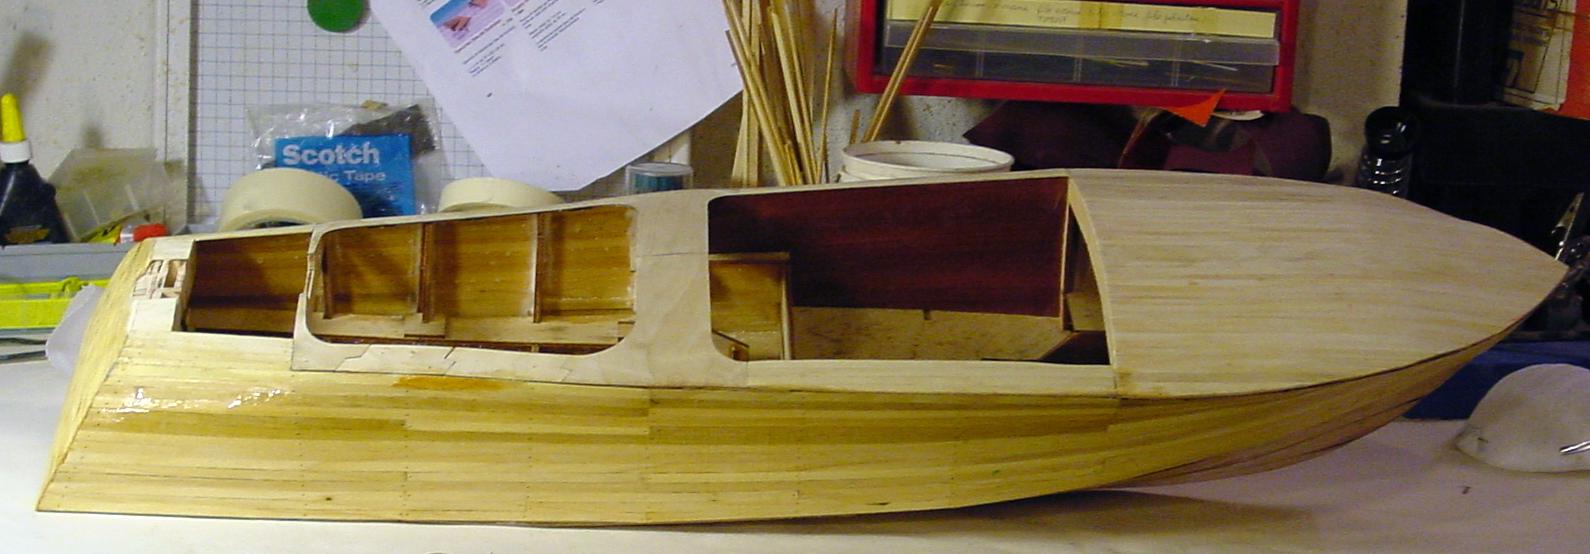 Modellismo navale rc model boats riva aquarama for Piani di veranda chiusa gratis